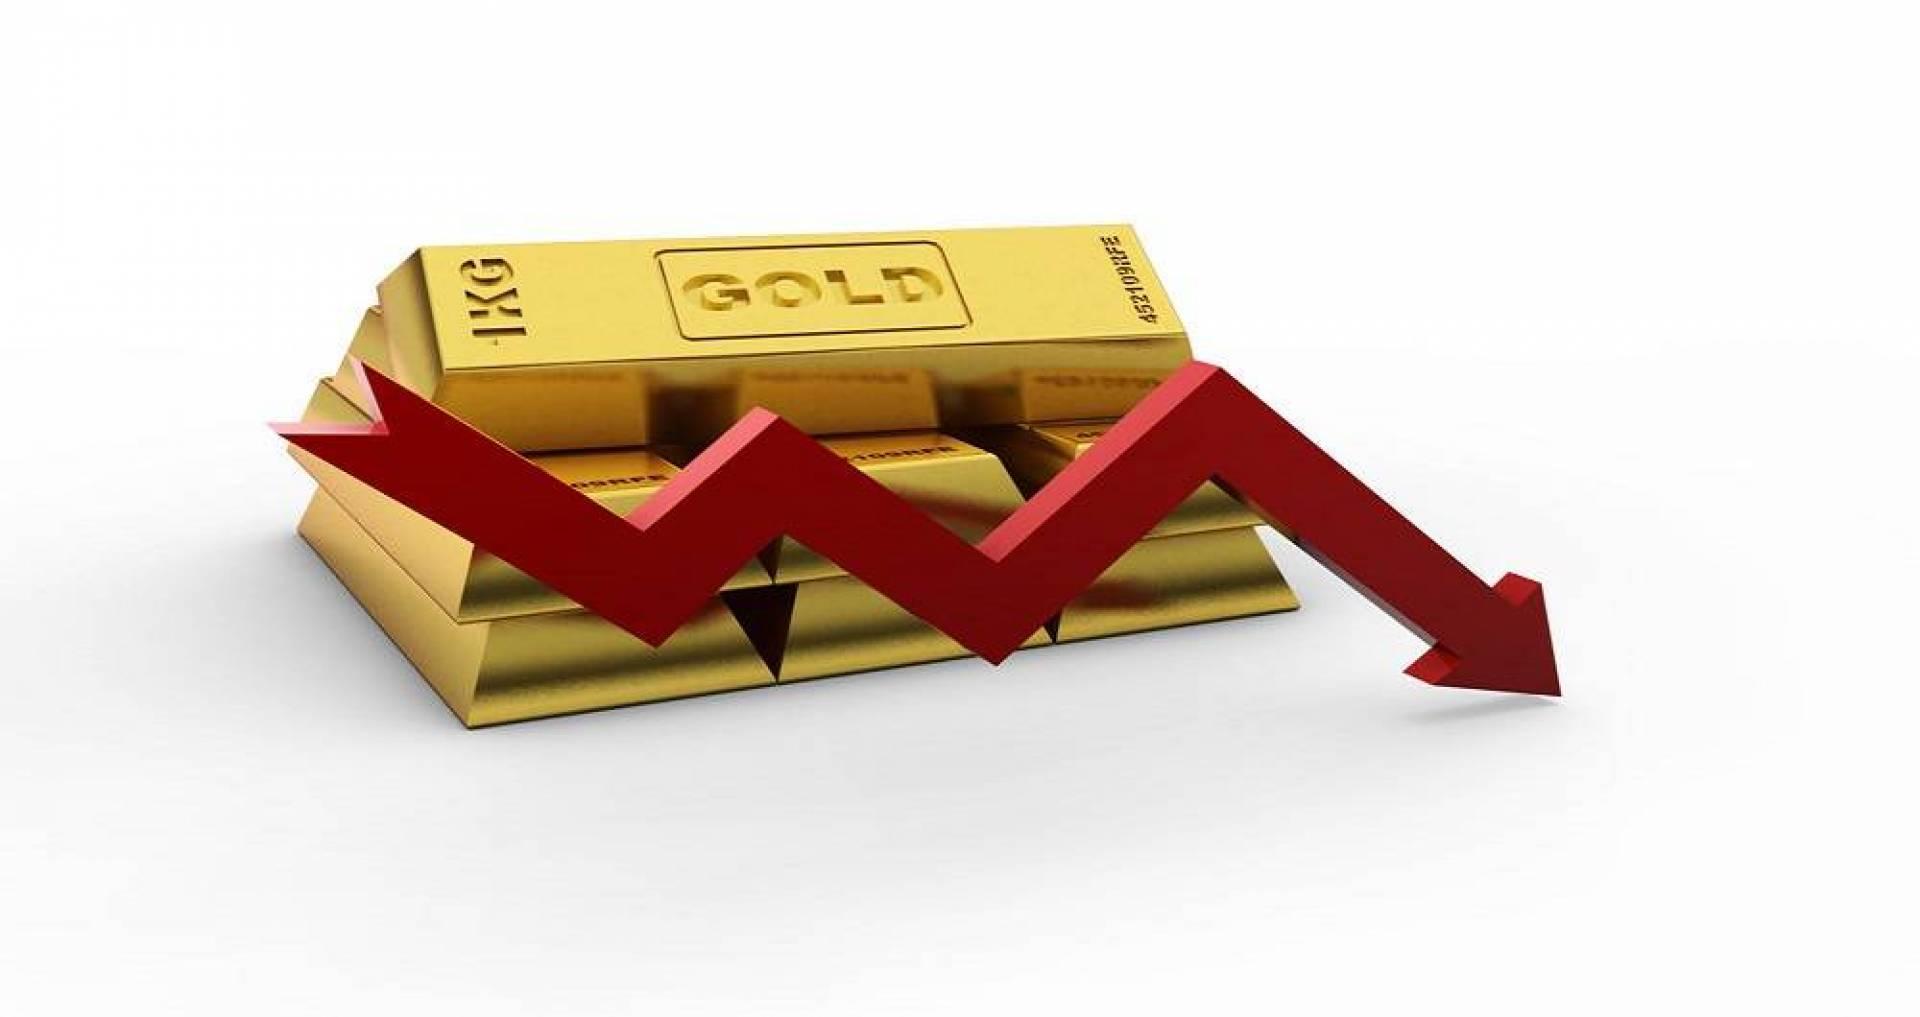 أسعار الذهب تتجه صوب أول انخفاض أسبوعي منذ يونيو